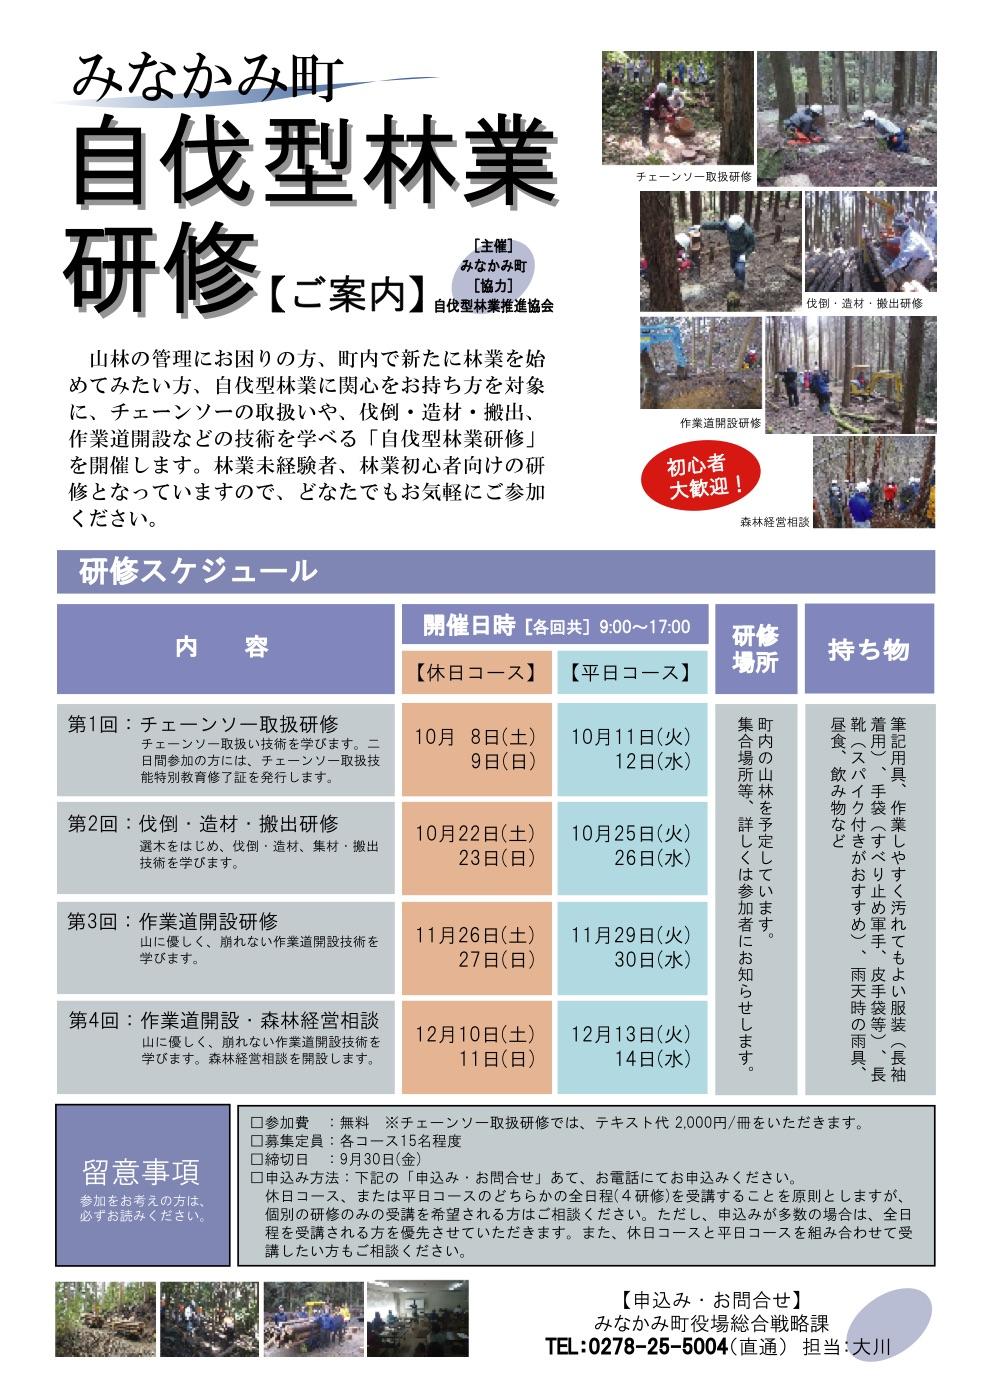 10月から群馬県みなかみ町で自伐型林業研修を開催!